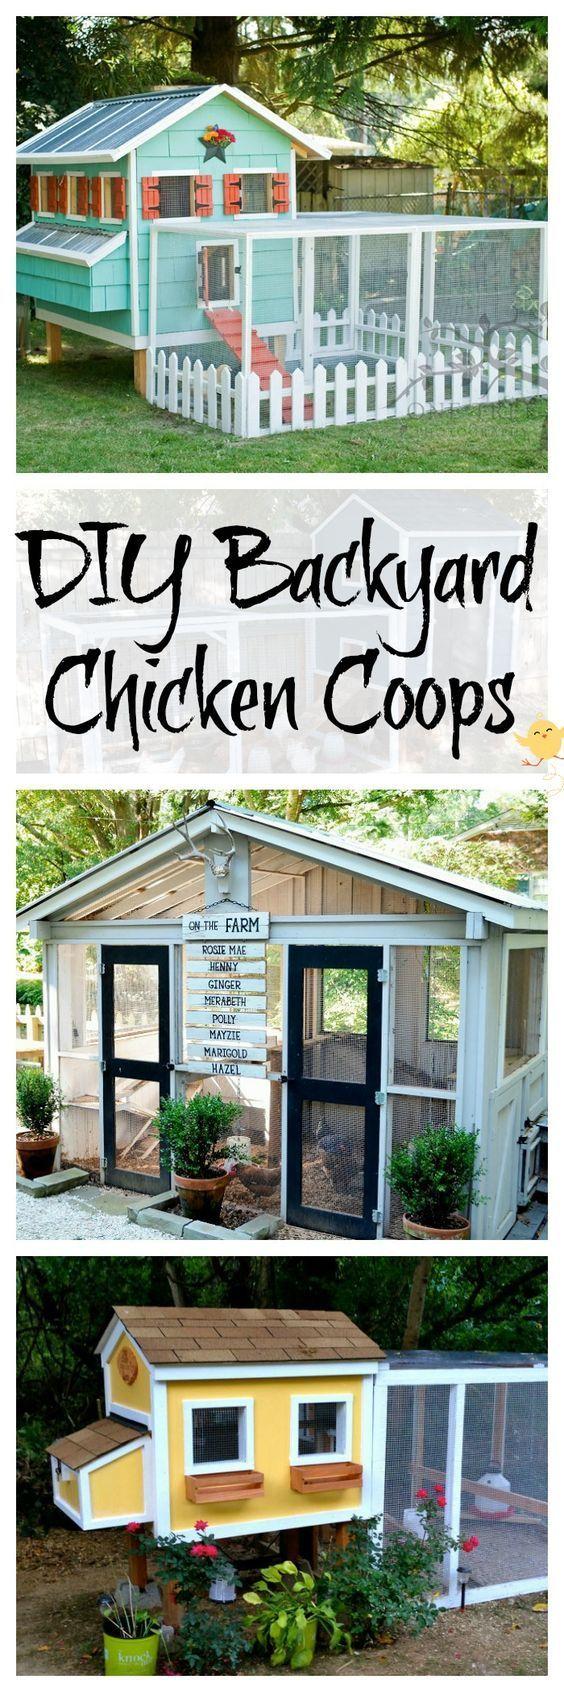 24 best urban chicken farming images on pinterest chicken